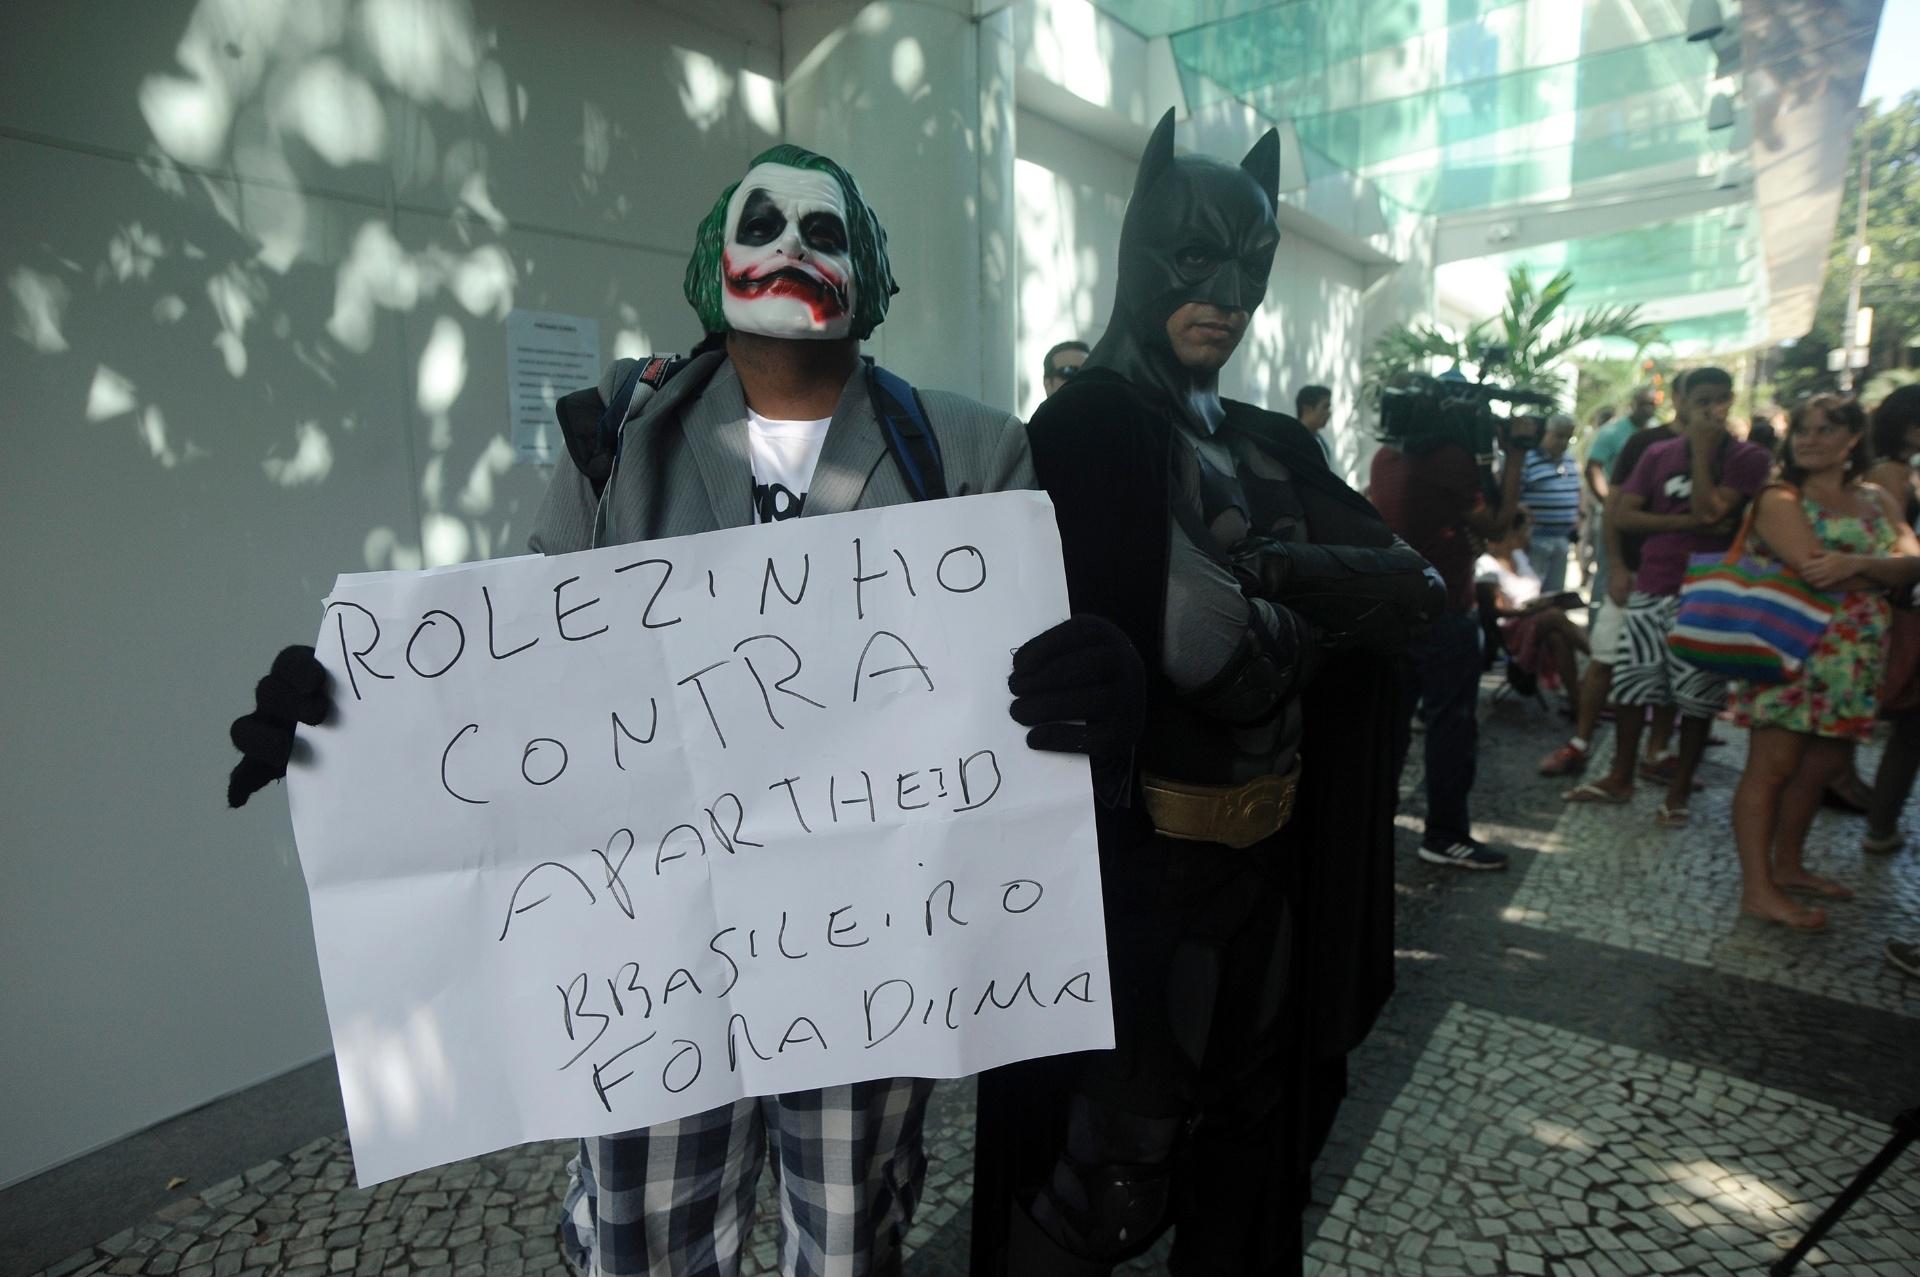 19.jan.2014 - Fantasiados dos personagens Batman e Coringa, manifestantes chegam ao shopping Leblon, na zona sul do Rio de Janeiro, neste domingo (19), para protestar contra a proibição da realização de